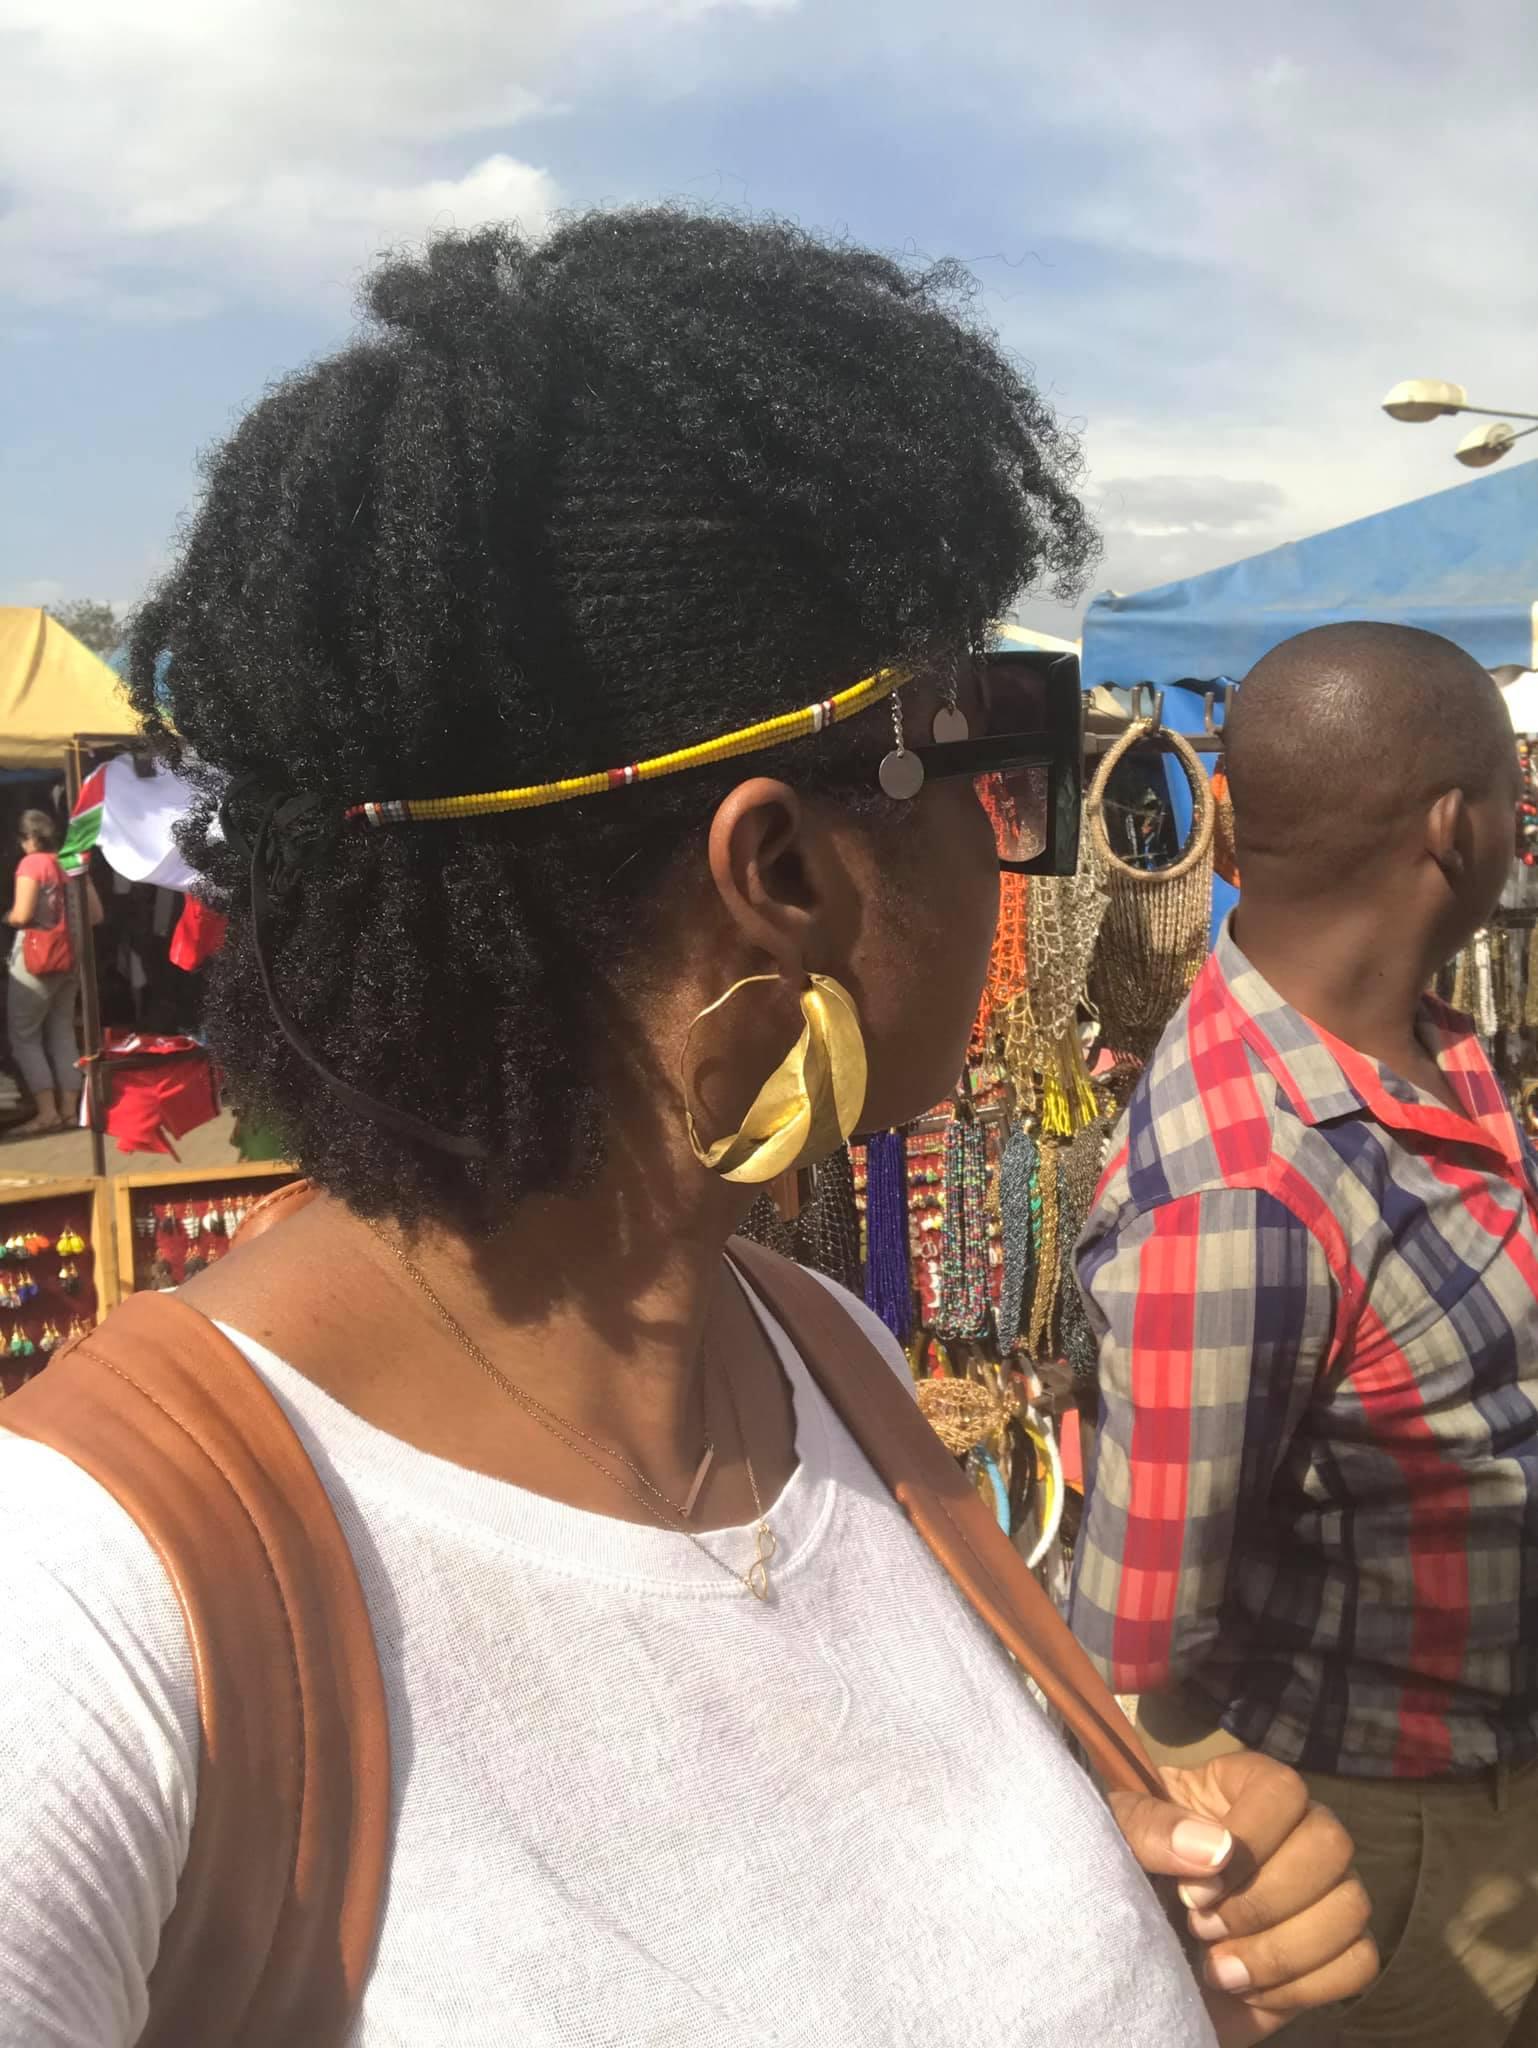 Nairobi-kenya-travel-eat-see-do-vickieremoe-72hours-EastAfrica-giraffe-shopping-TV53.jpg